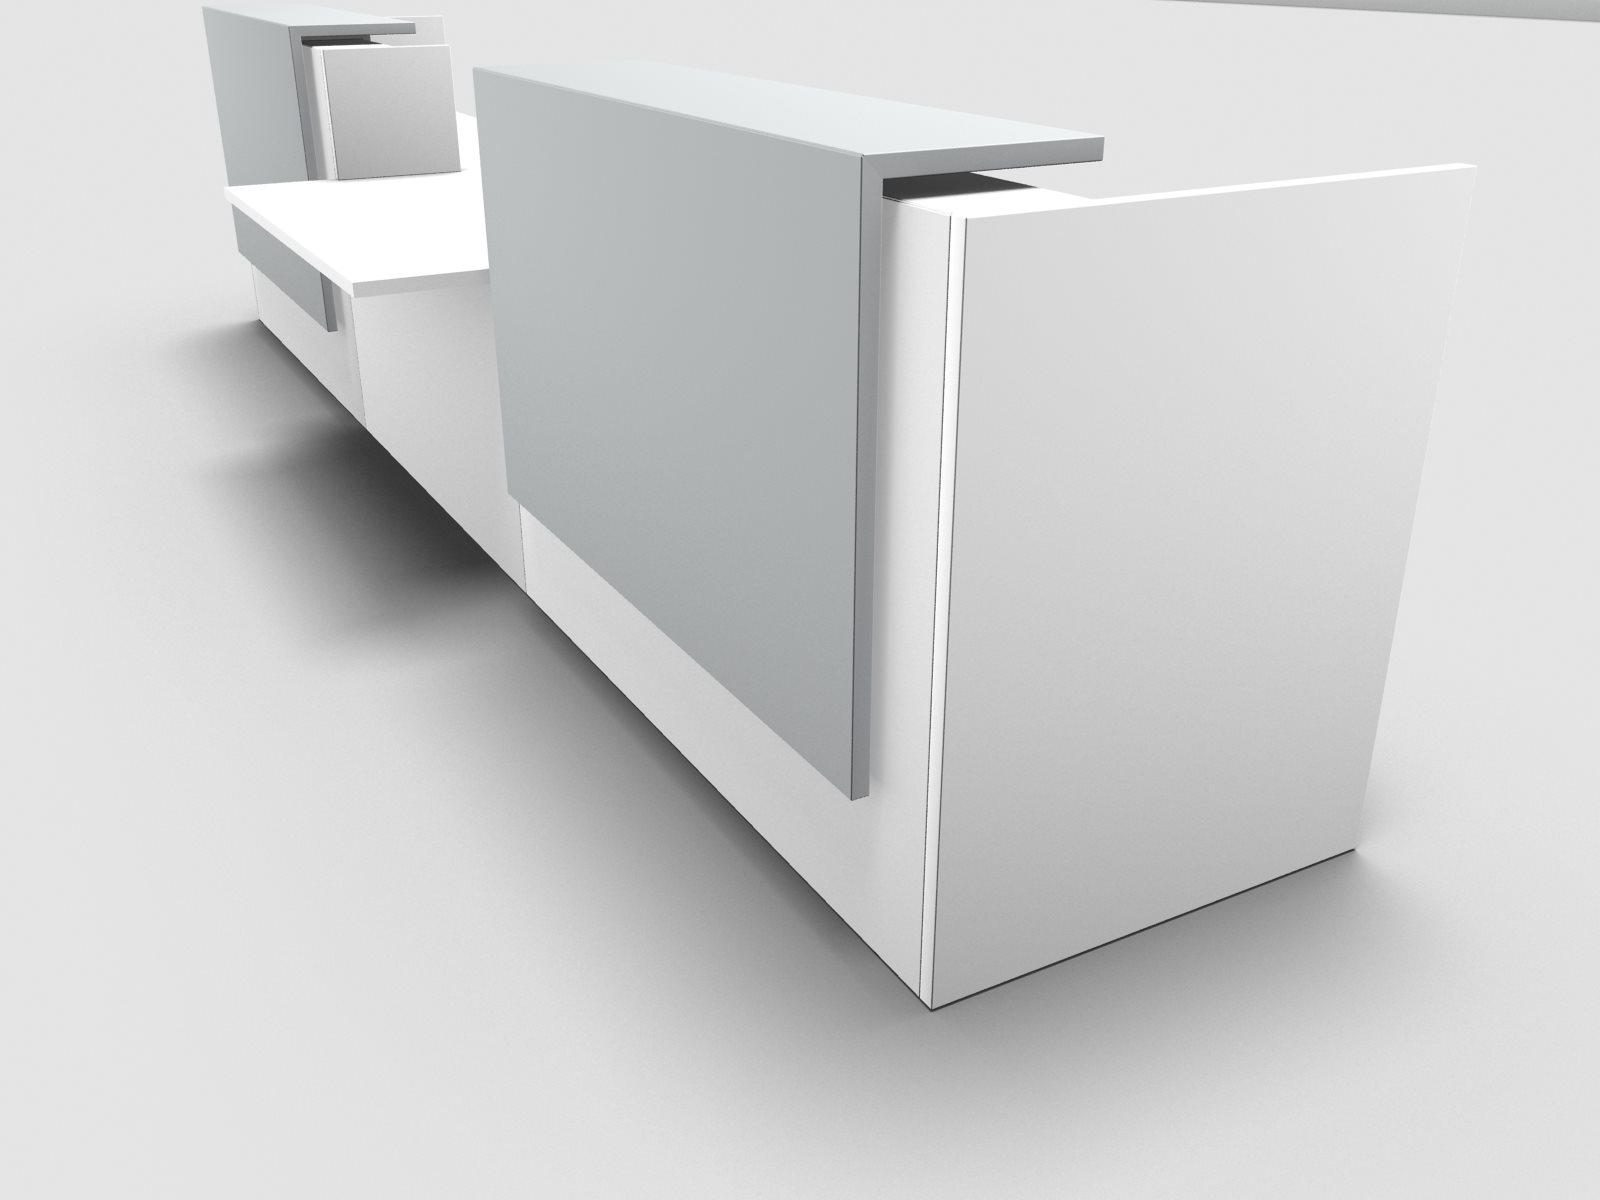 b rom bel preiswert und schnell quadrifoglio z2 empfangstheke c41 weiss 466cm rollstuhlplatz. Black Bedroom Furniture Sets. Home Design Ideas